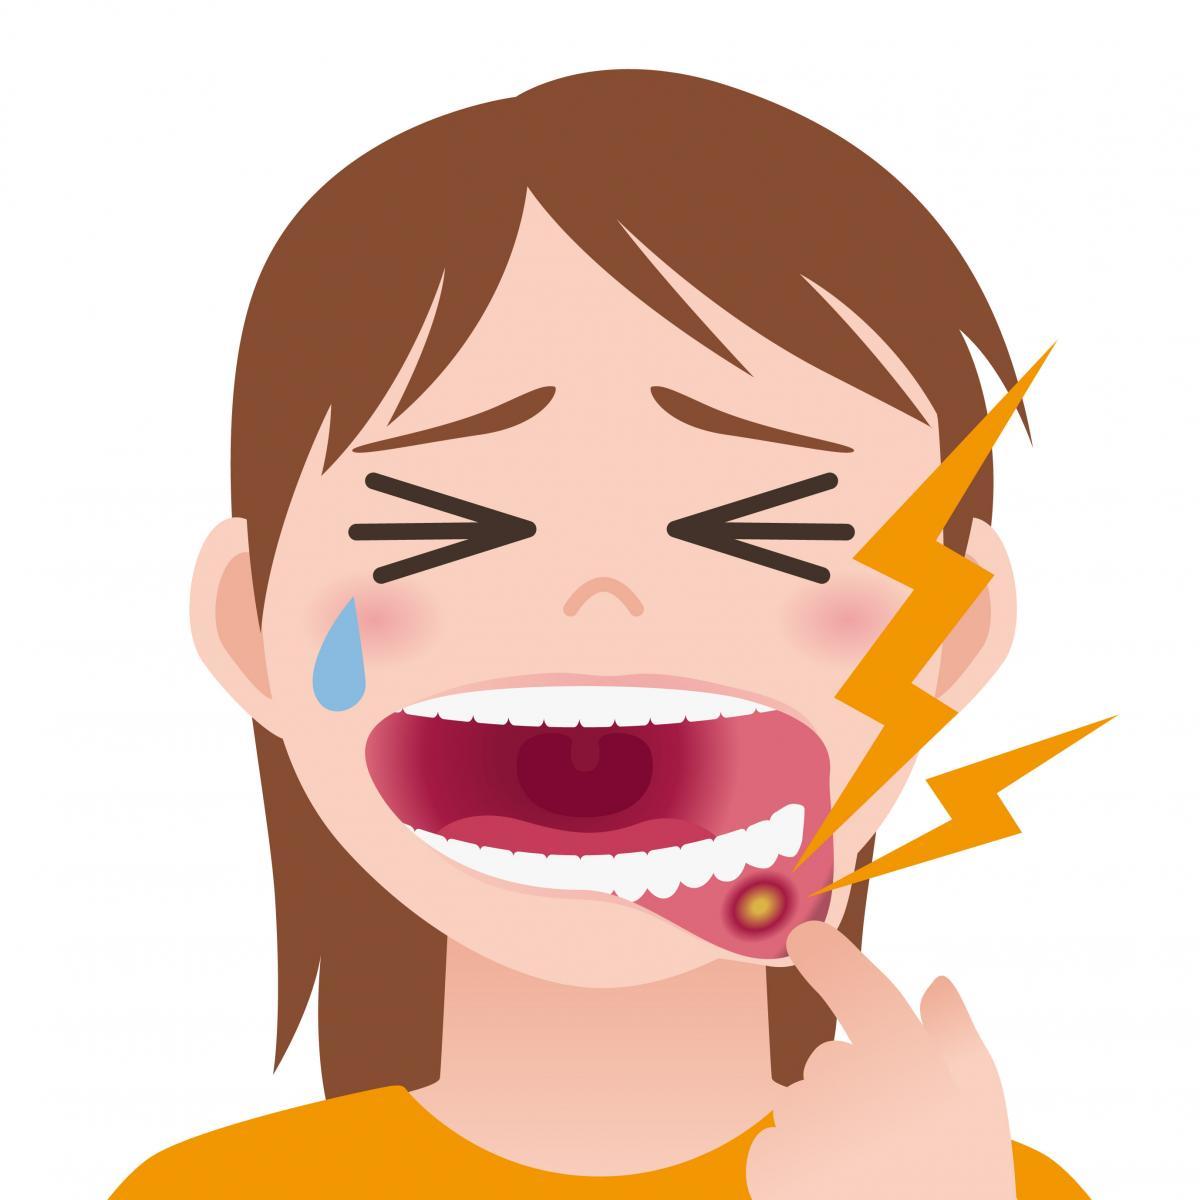 口内炎が痛くて泣いてる女の人